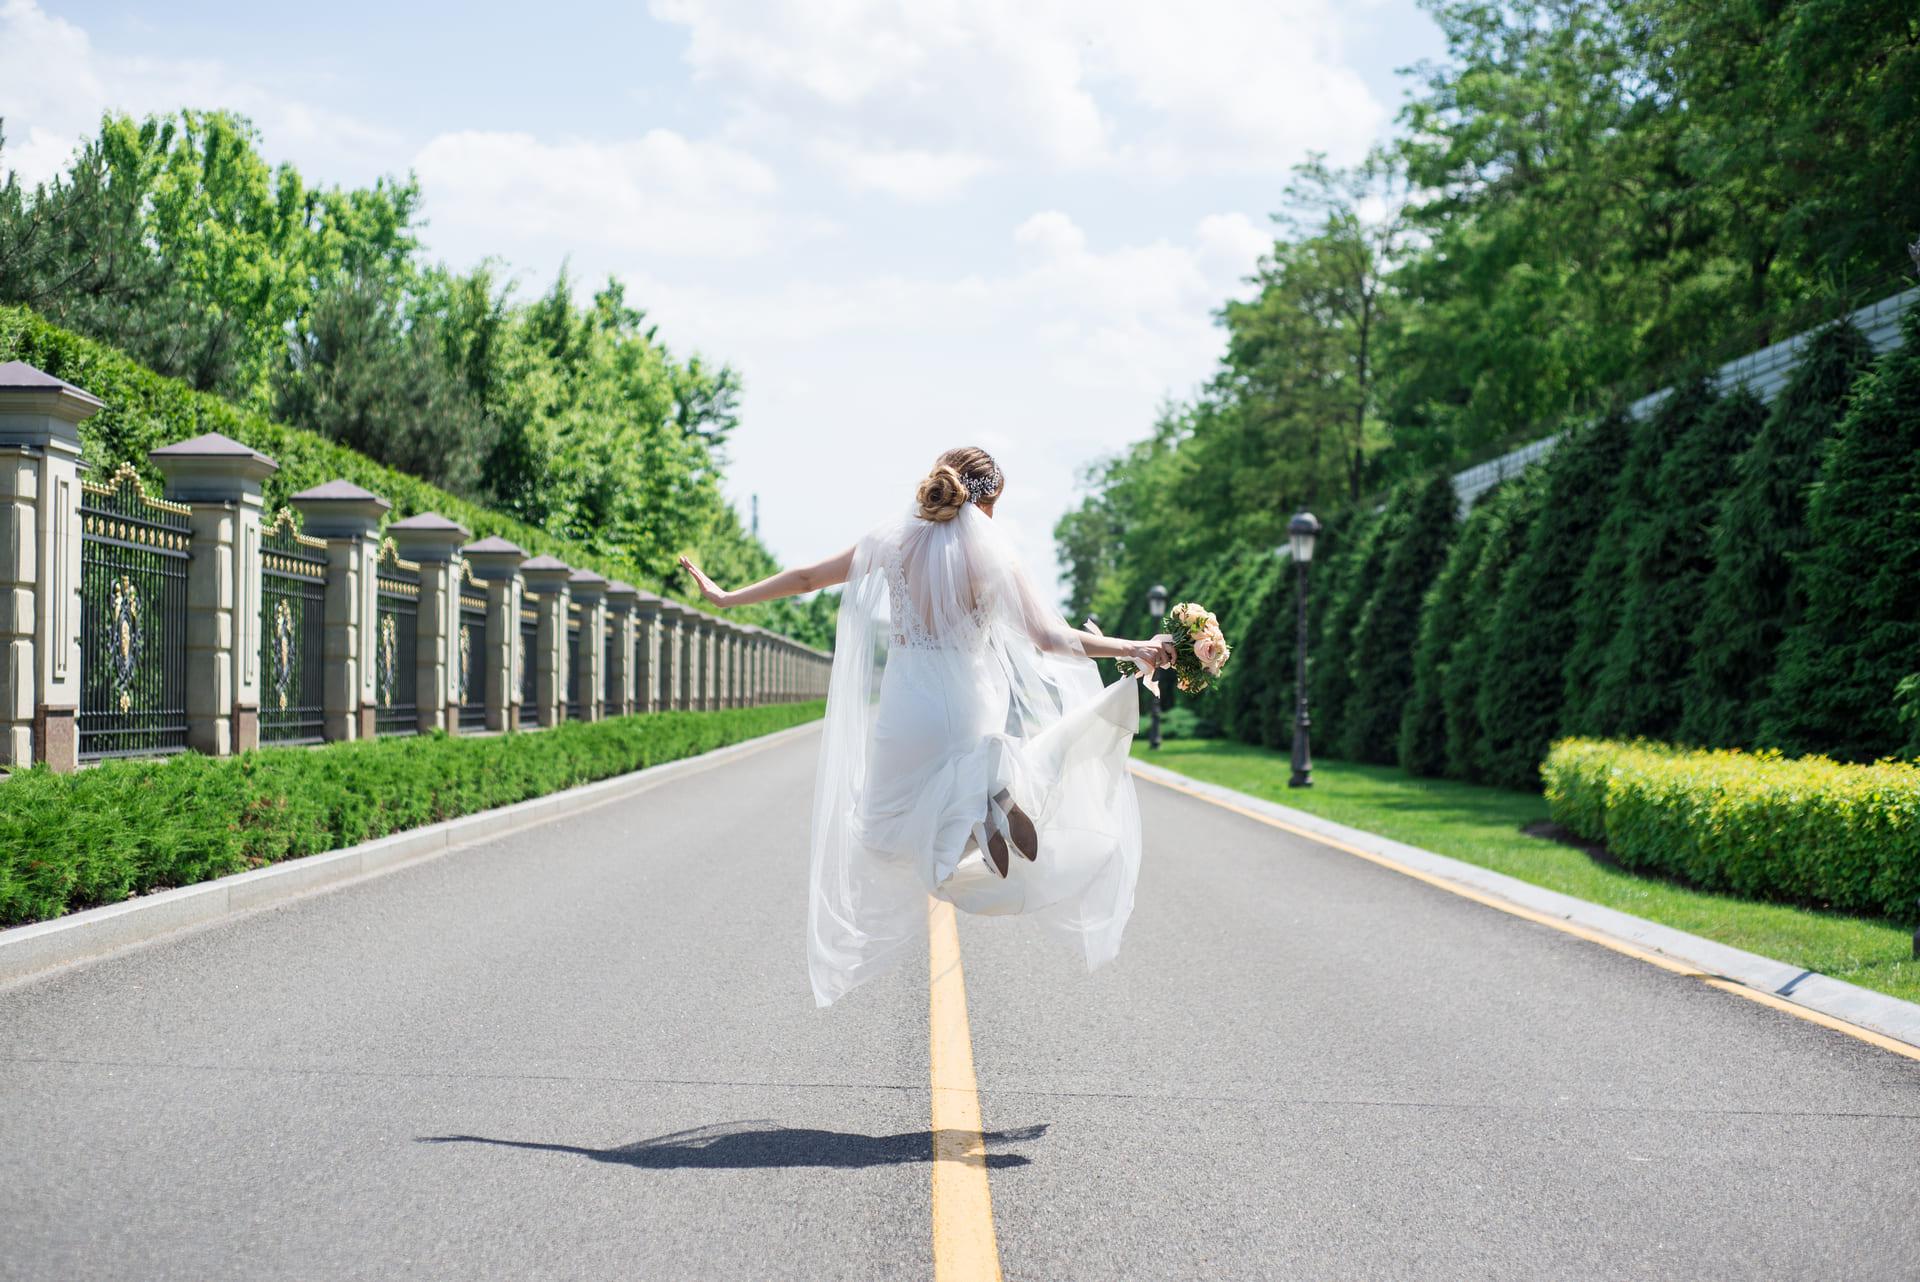 Свадебная фотосессия в Межигорье: Невеста в прыжке